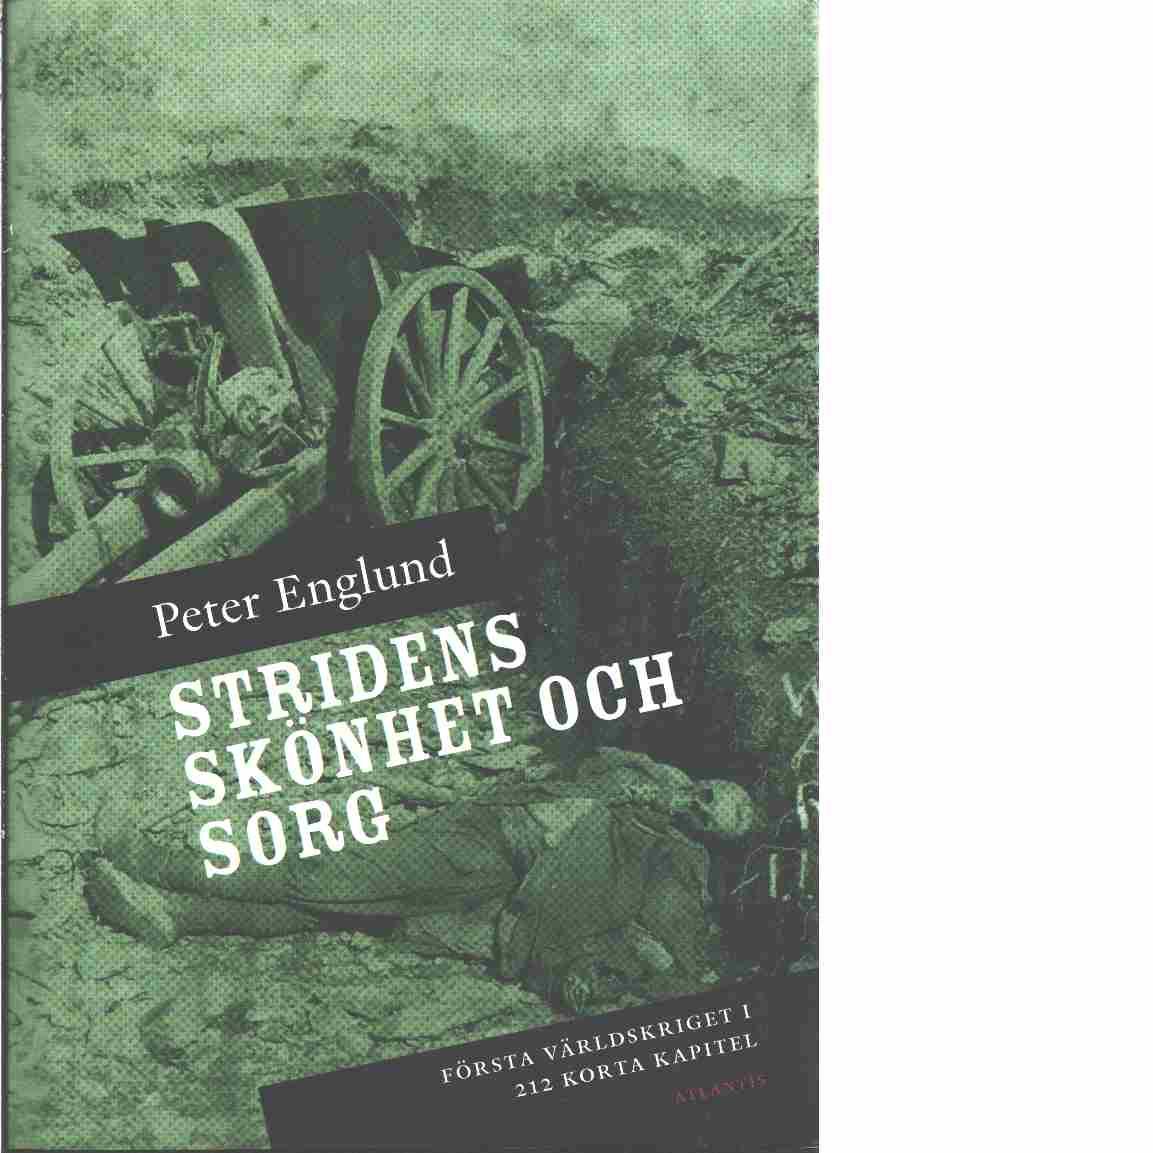 Stridens skönhet och sorg - Englund, Peter